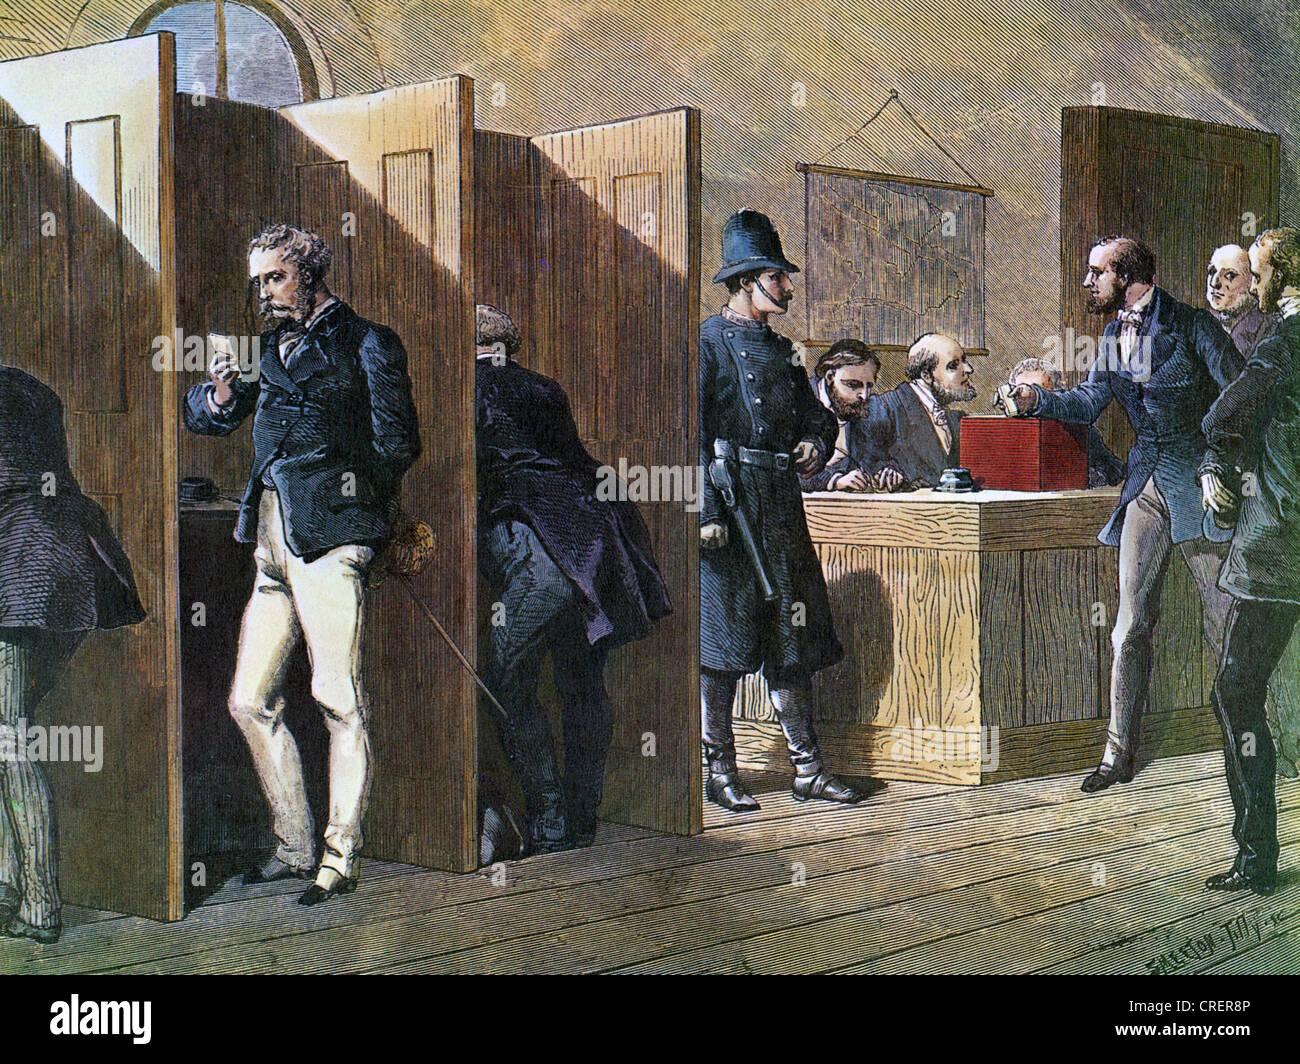 Vittoriano stazione di polling come mostrato in una rivista francese nel 1880 Immagini Stock